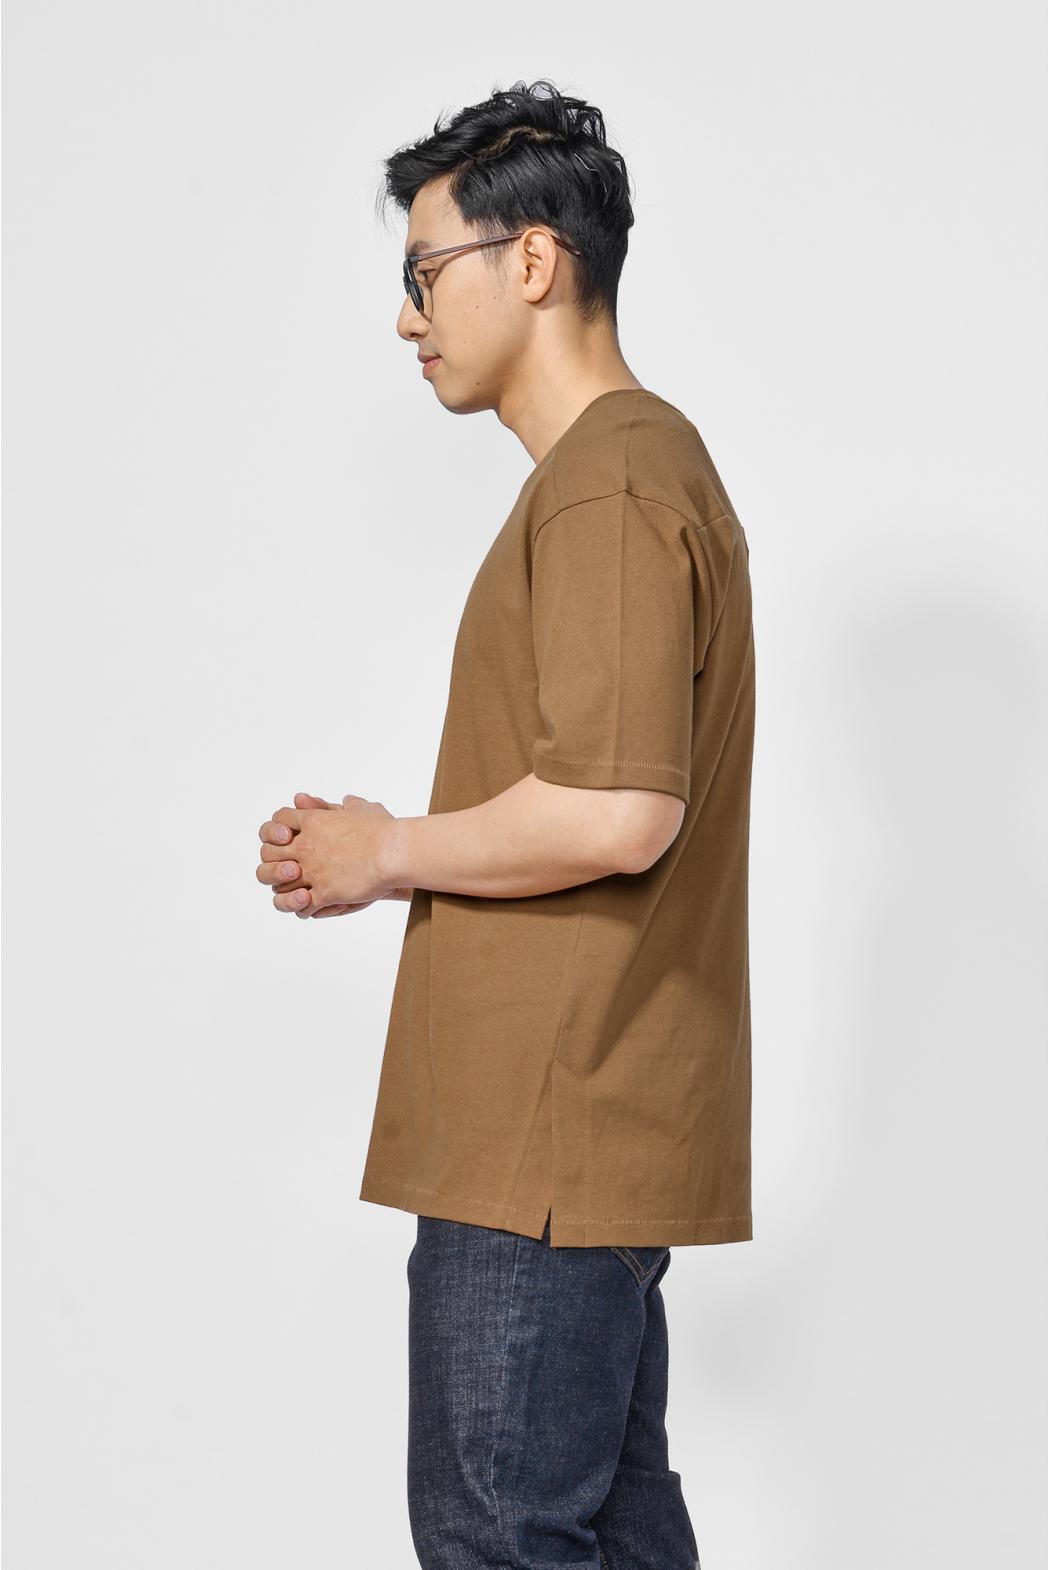 Áo thun tay ngắn, xẻ lai. LOOSE form - 10F20TSH019